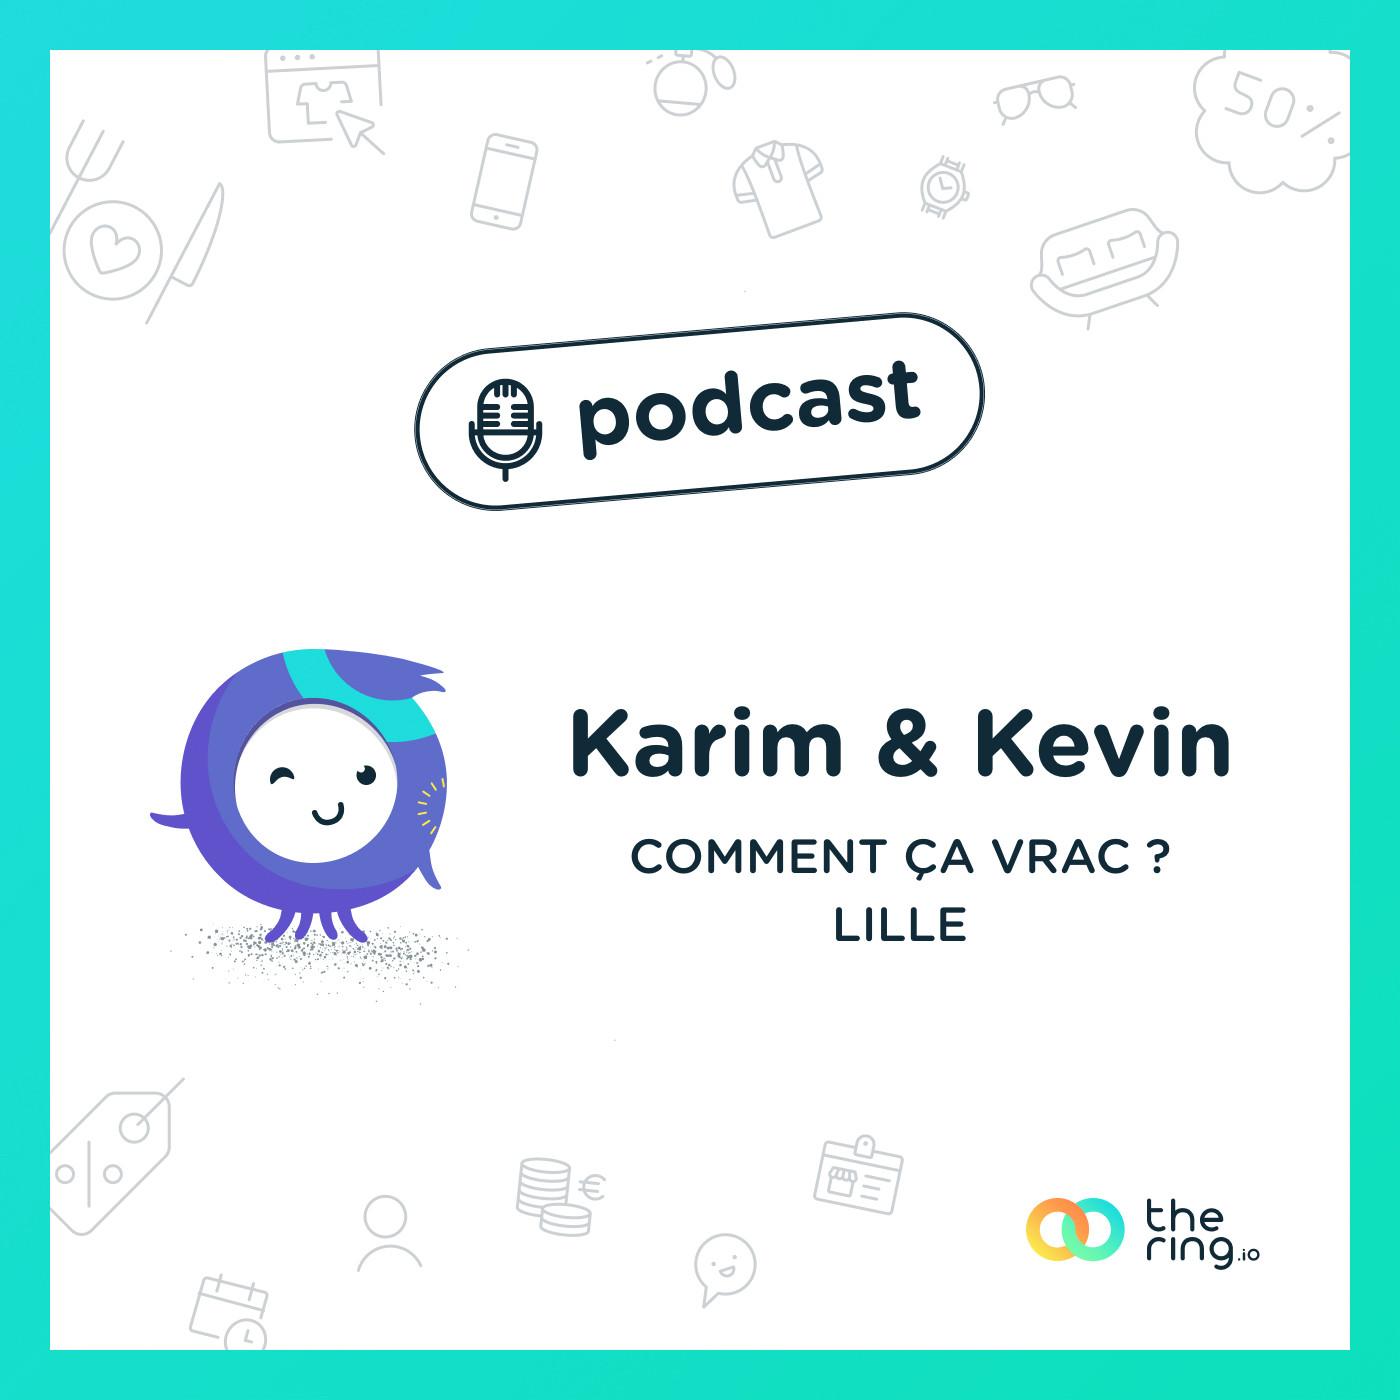 Karim et Kévin de Comment ça vrac ? à Lille : épicerie bio & mobile